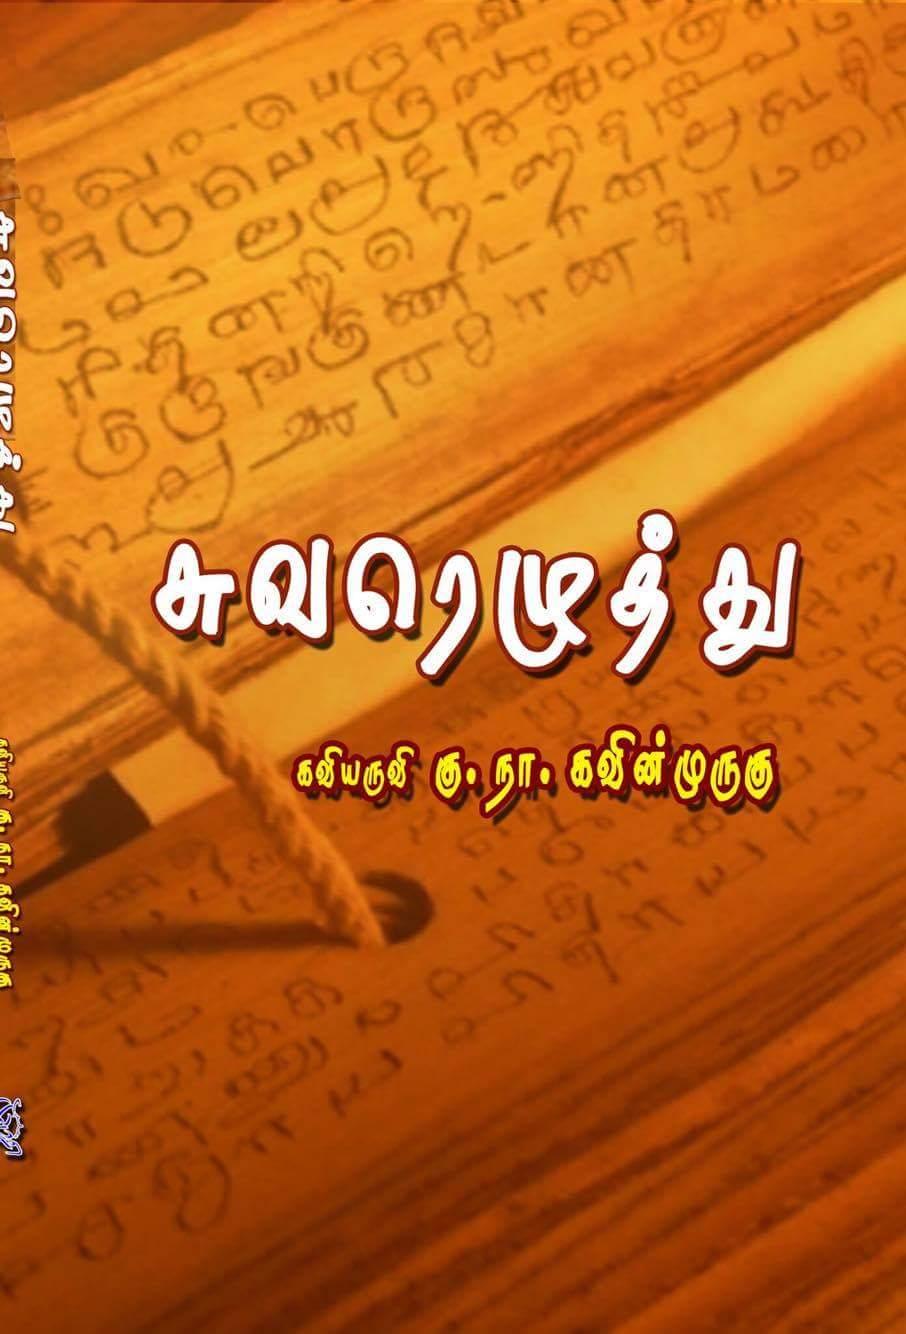 கவிநுகர் பொழுது-18 (கு.நா.கவின்முருகு எழுதிய, 'சுவரெழுத்து', கவிதைத் தொகுப்பினை முன்வைத்து)